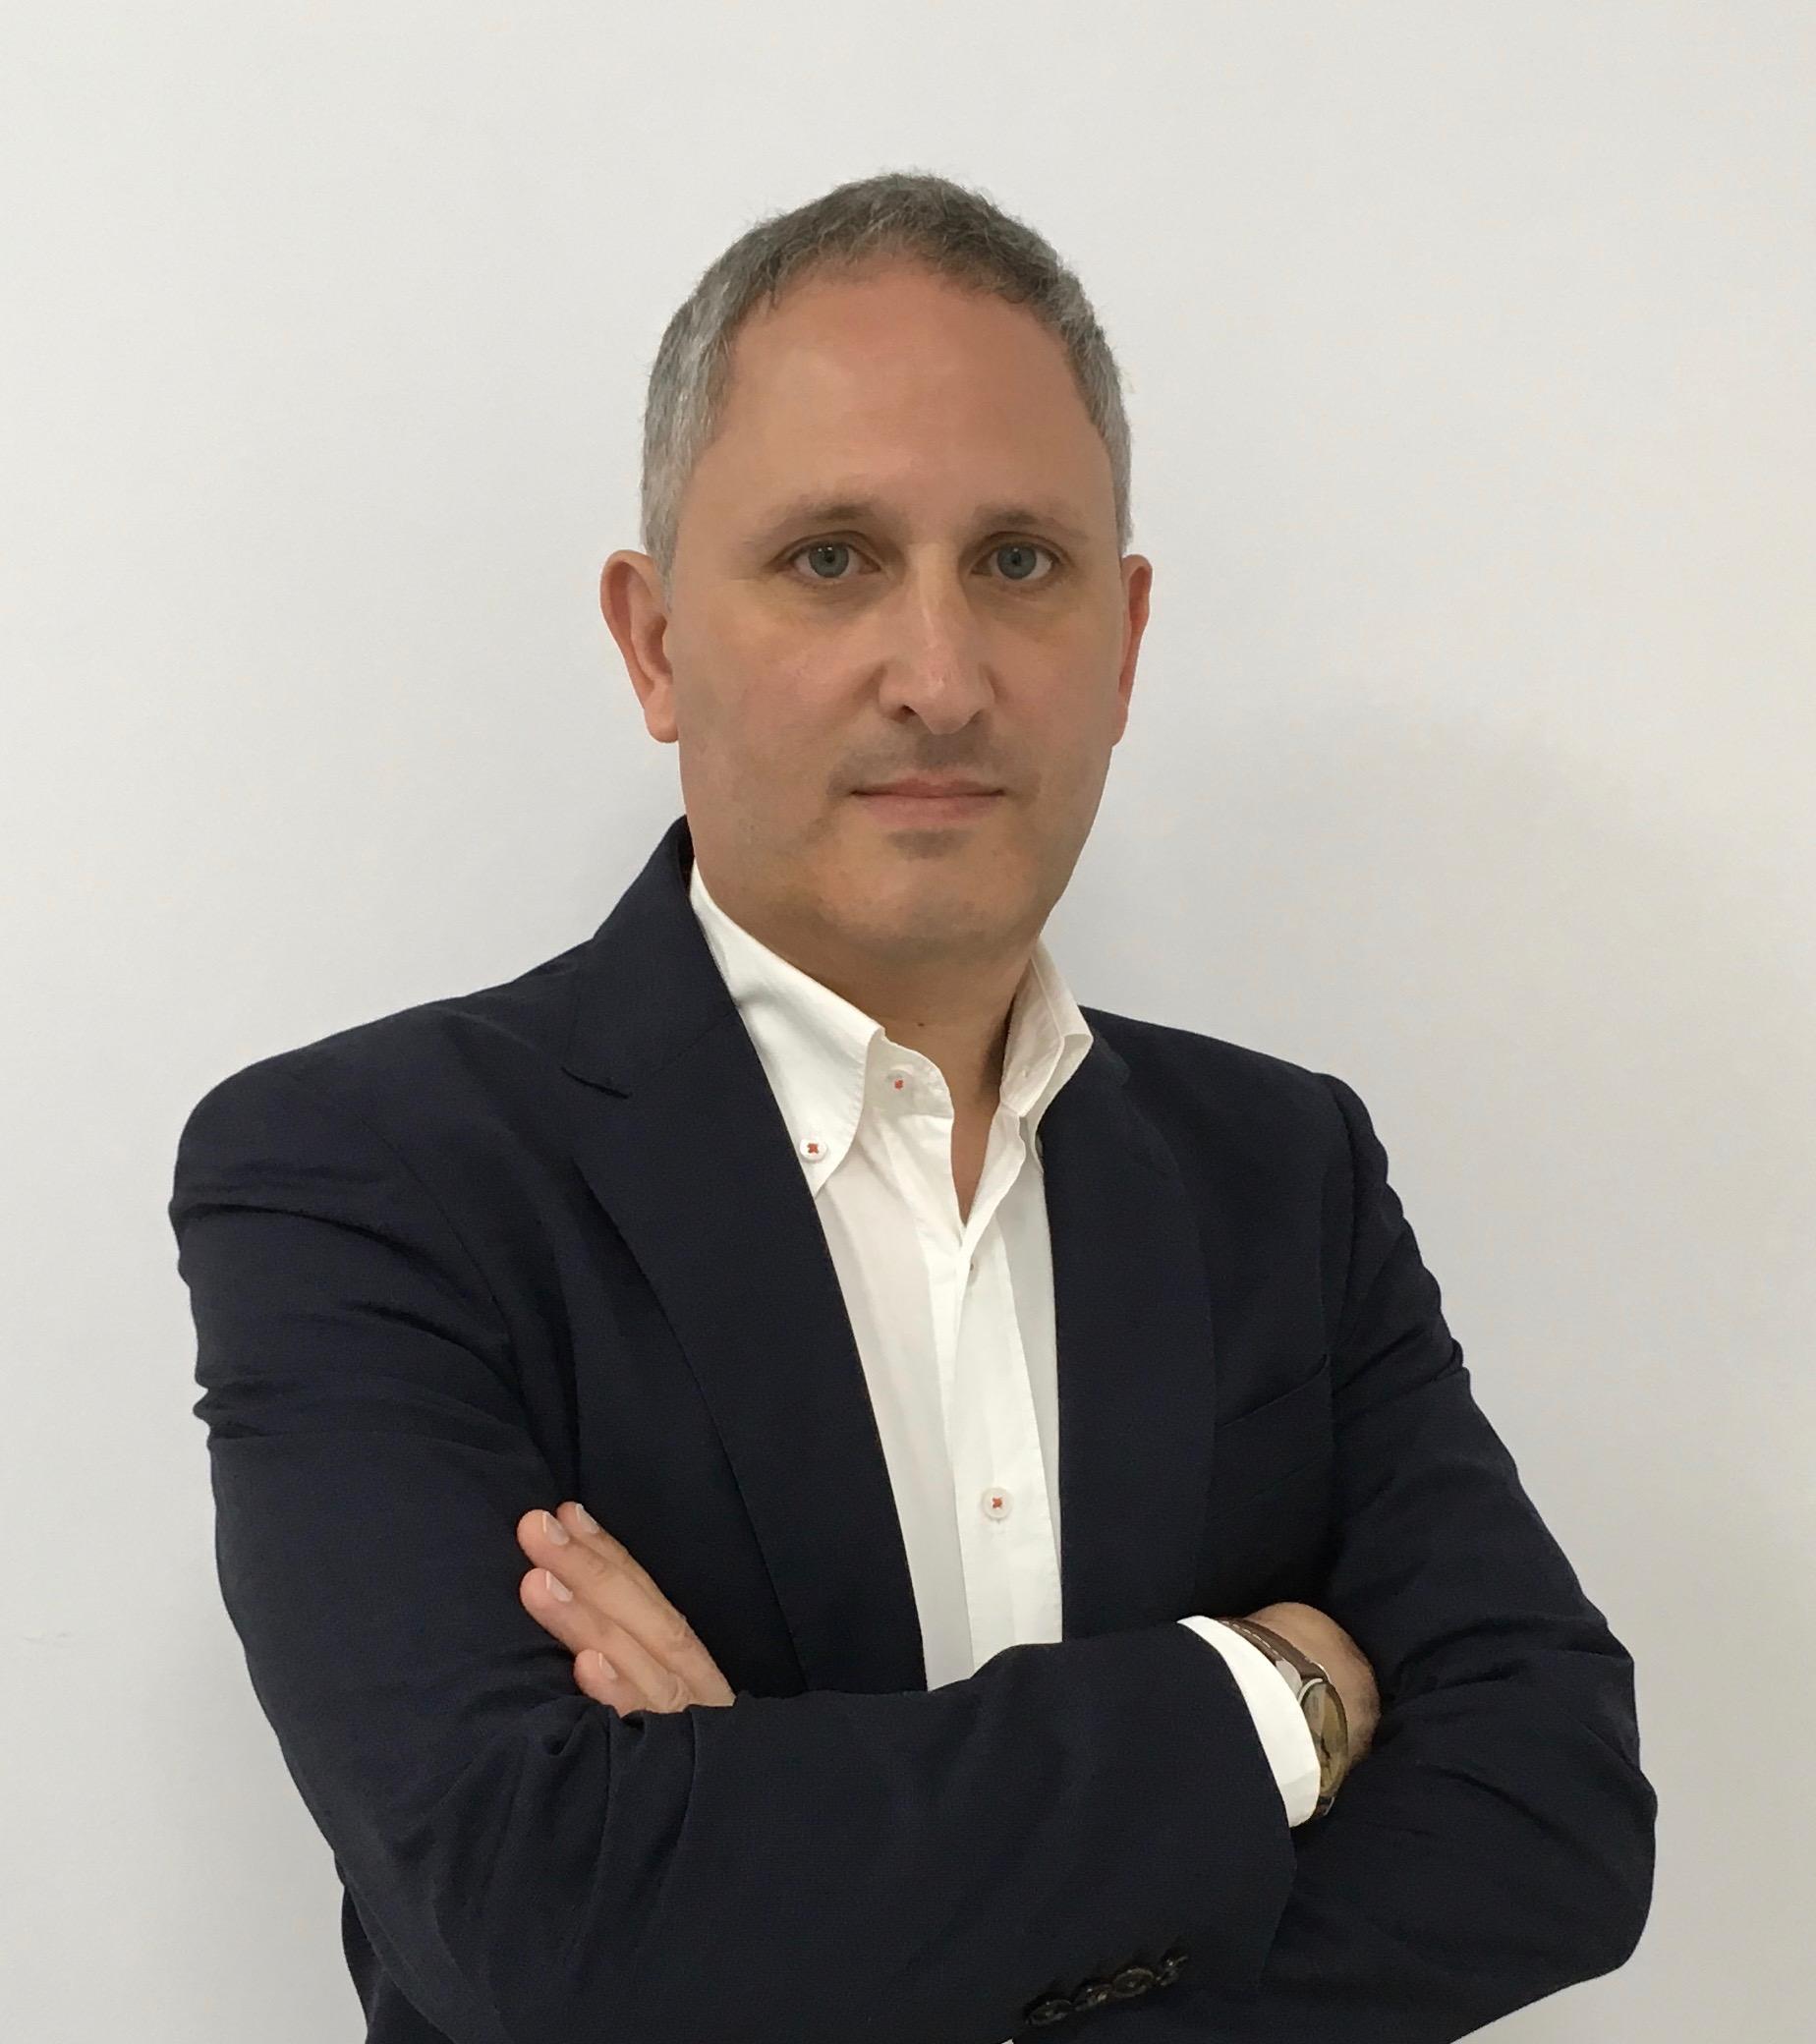 Manuel Antonio Del Corro  Fernandez